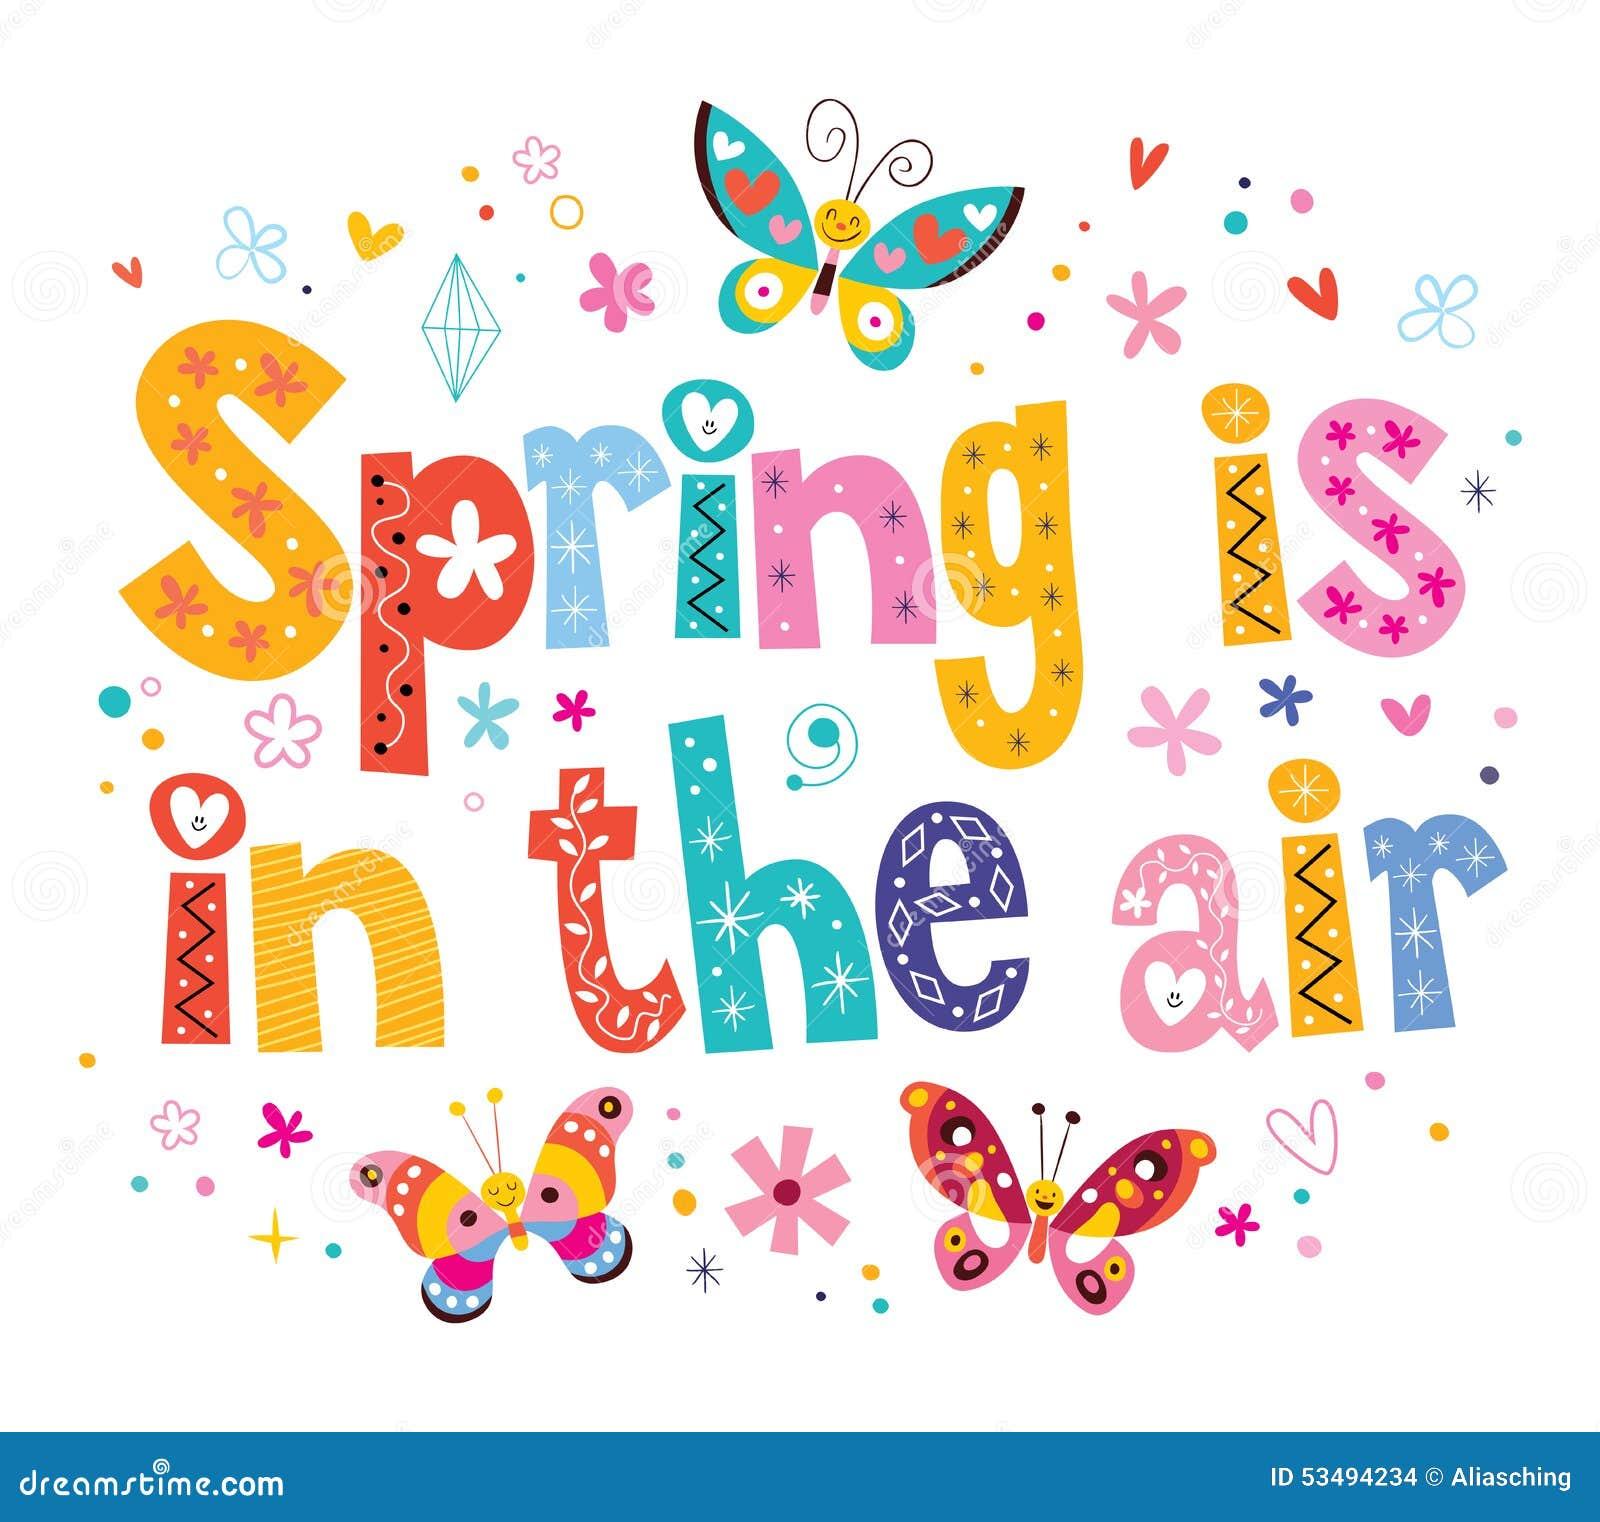 De lente is in de lucht